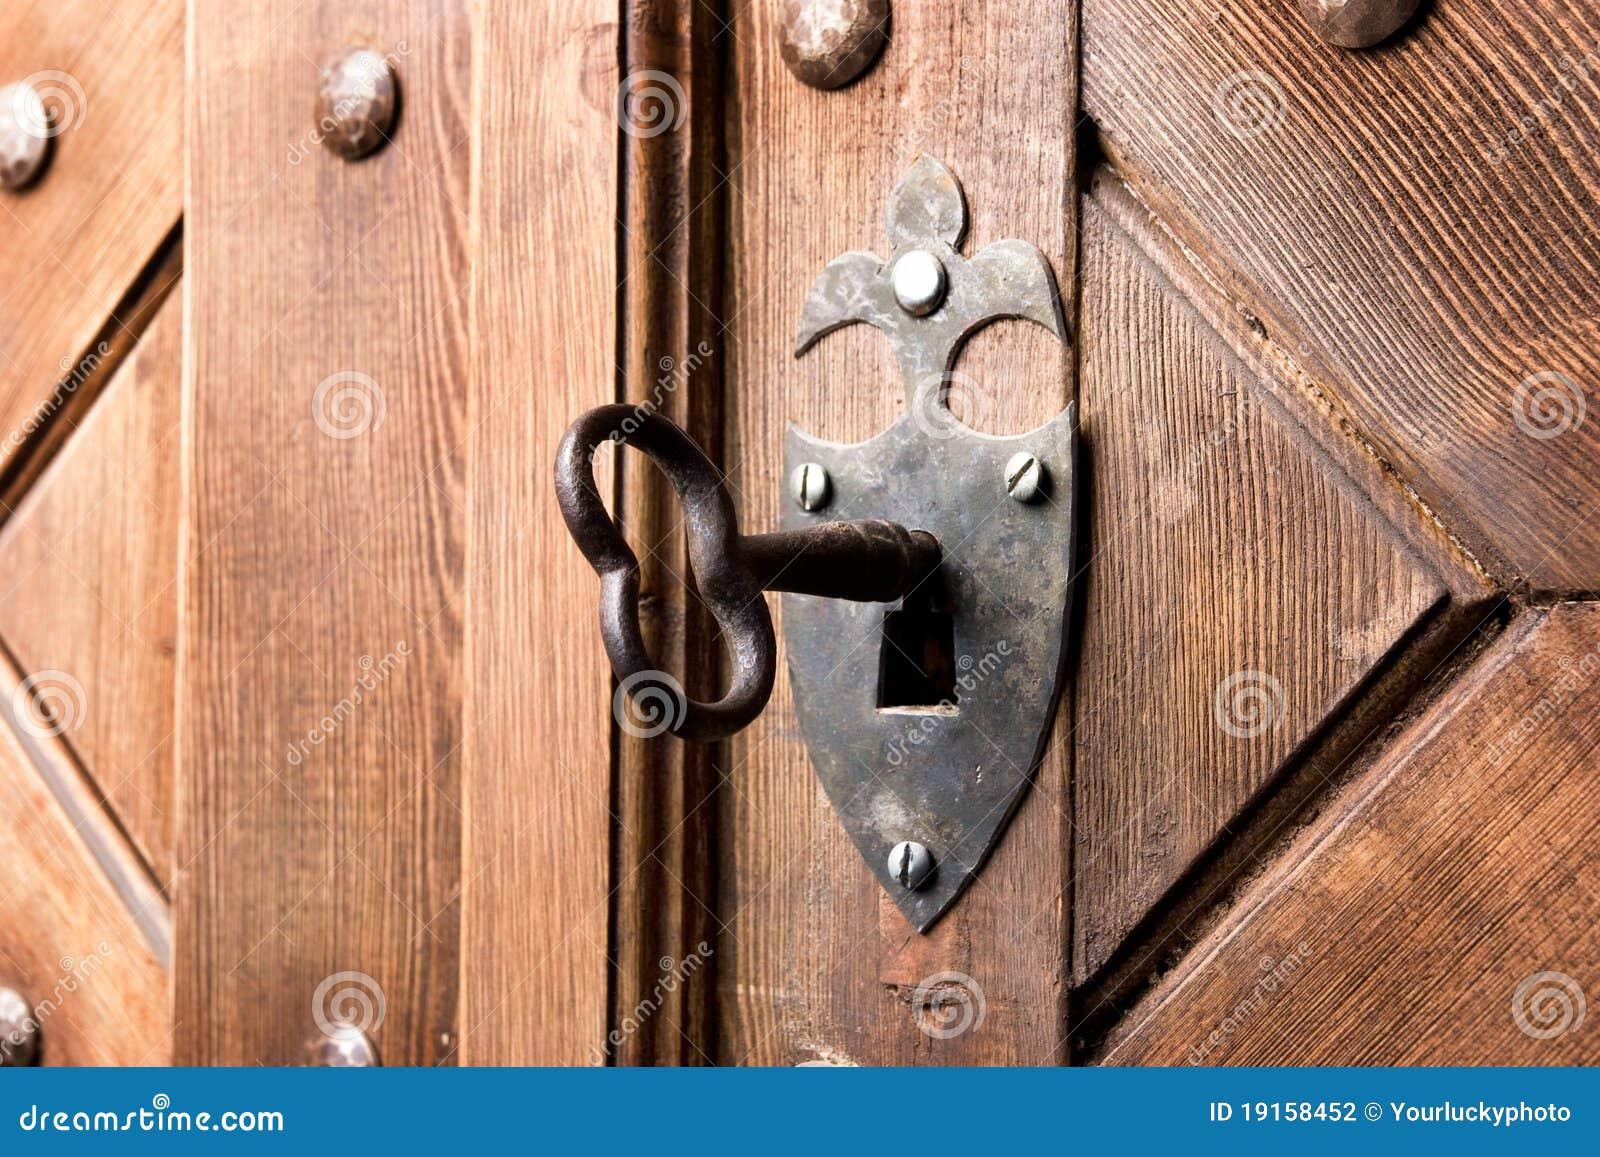 делом во сне не могла закрыть дверь на ключ панды так сильны